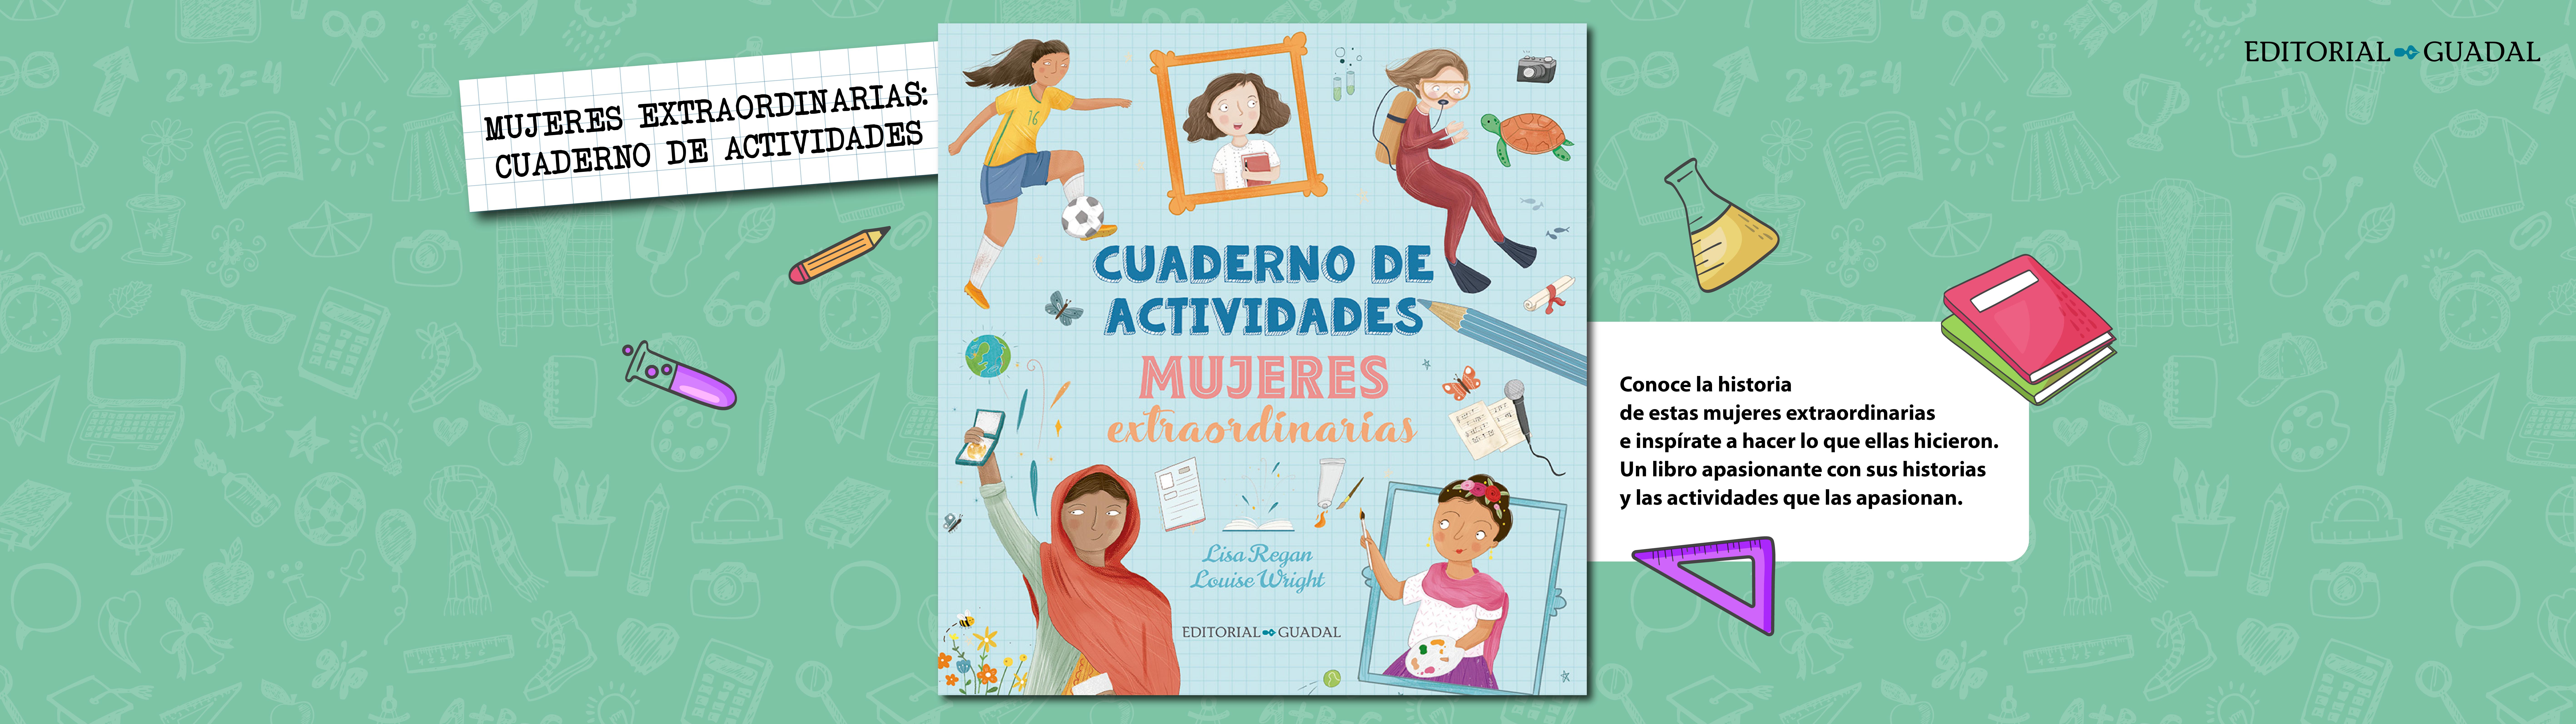 Mujeres cuaderno_WEB_1920X540_